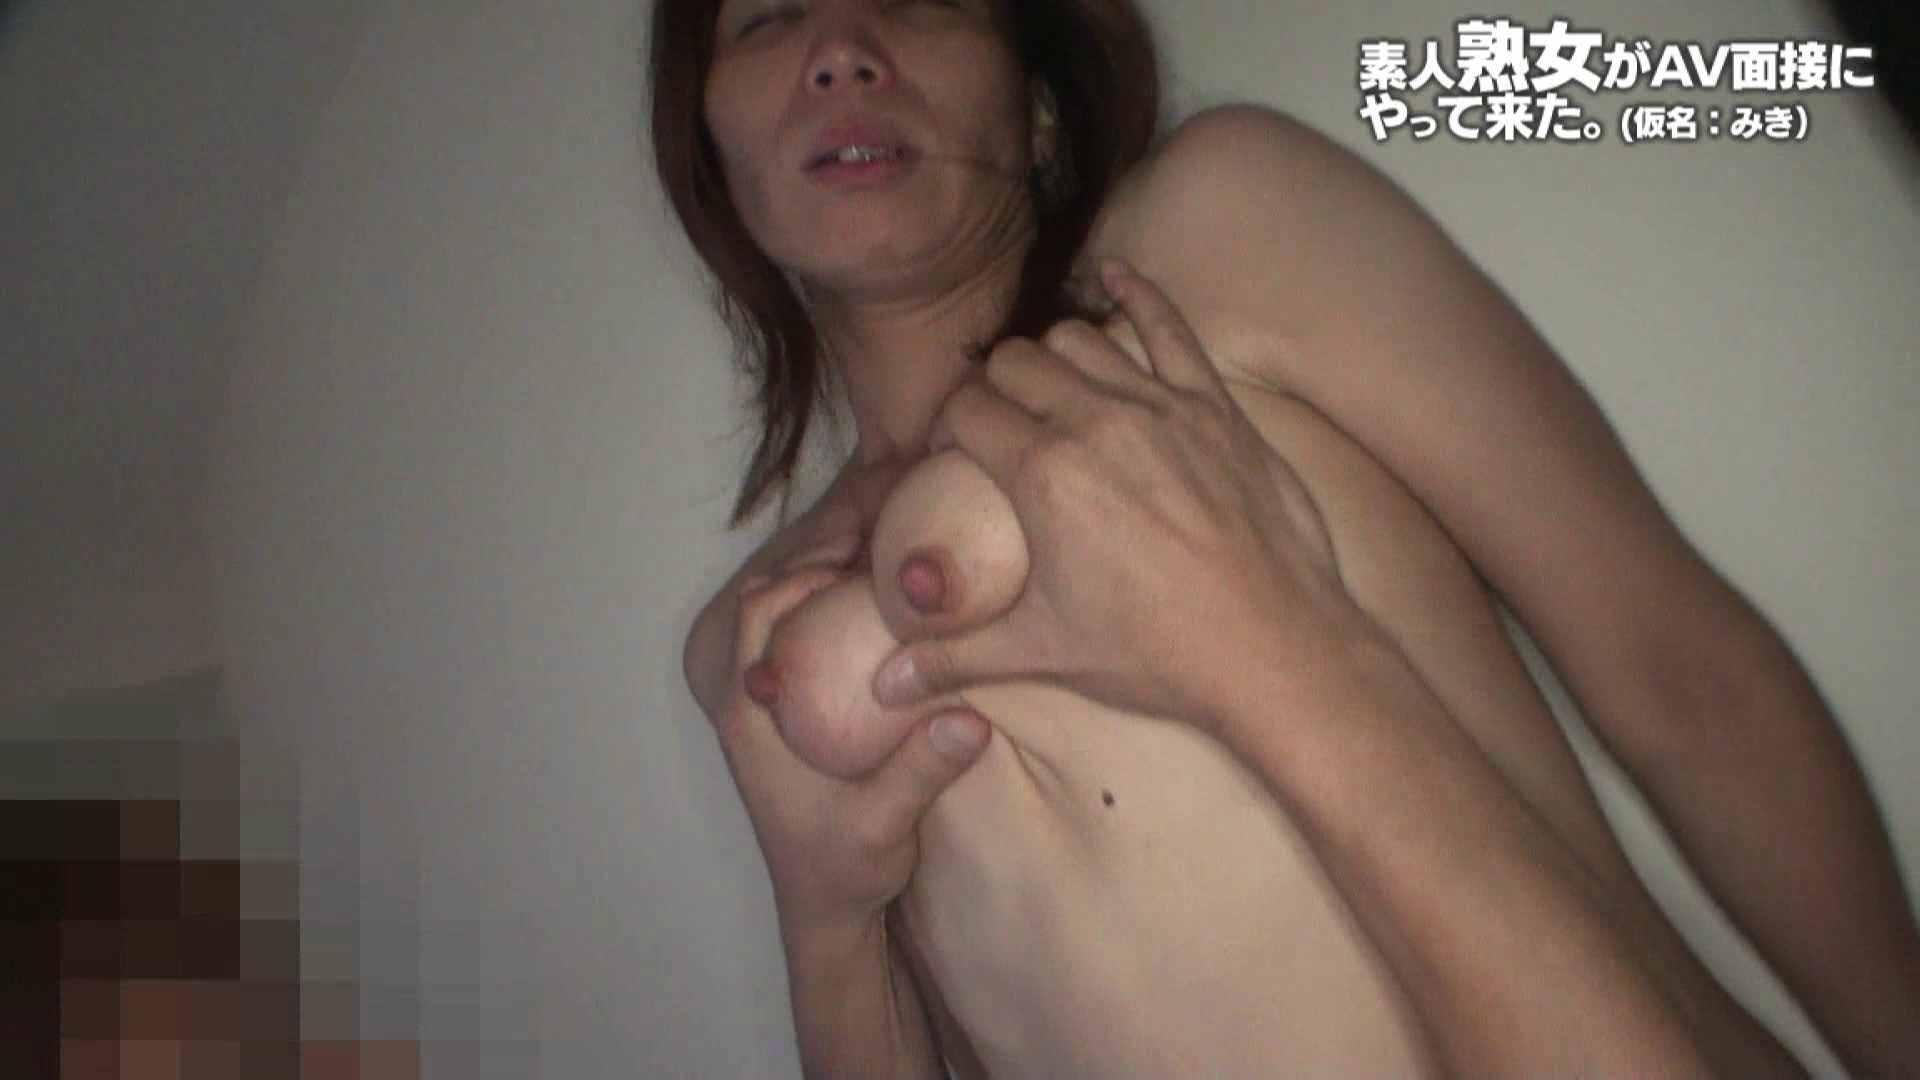 素人熟女がAV面接にやってきた (熟女)みきさんVOL.04(前編) エロカワ素人  11pic 5